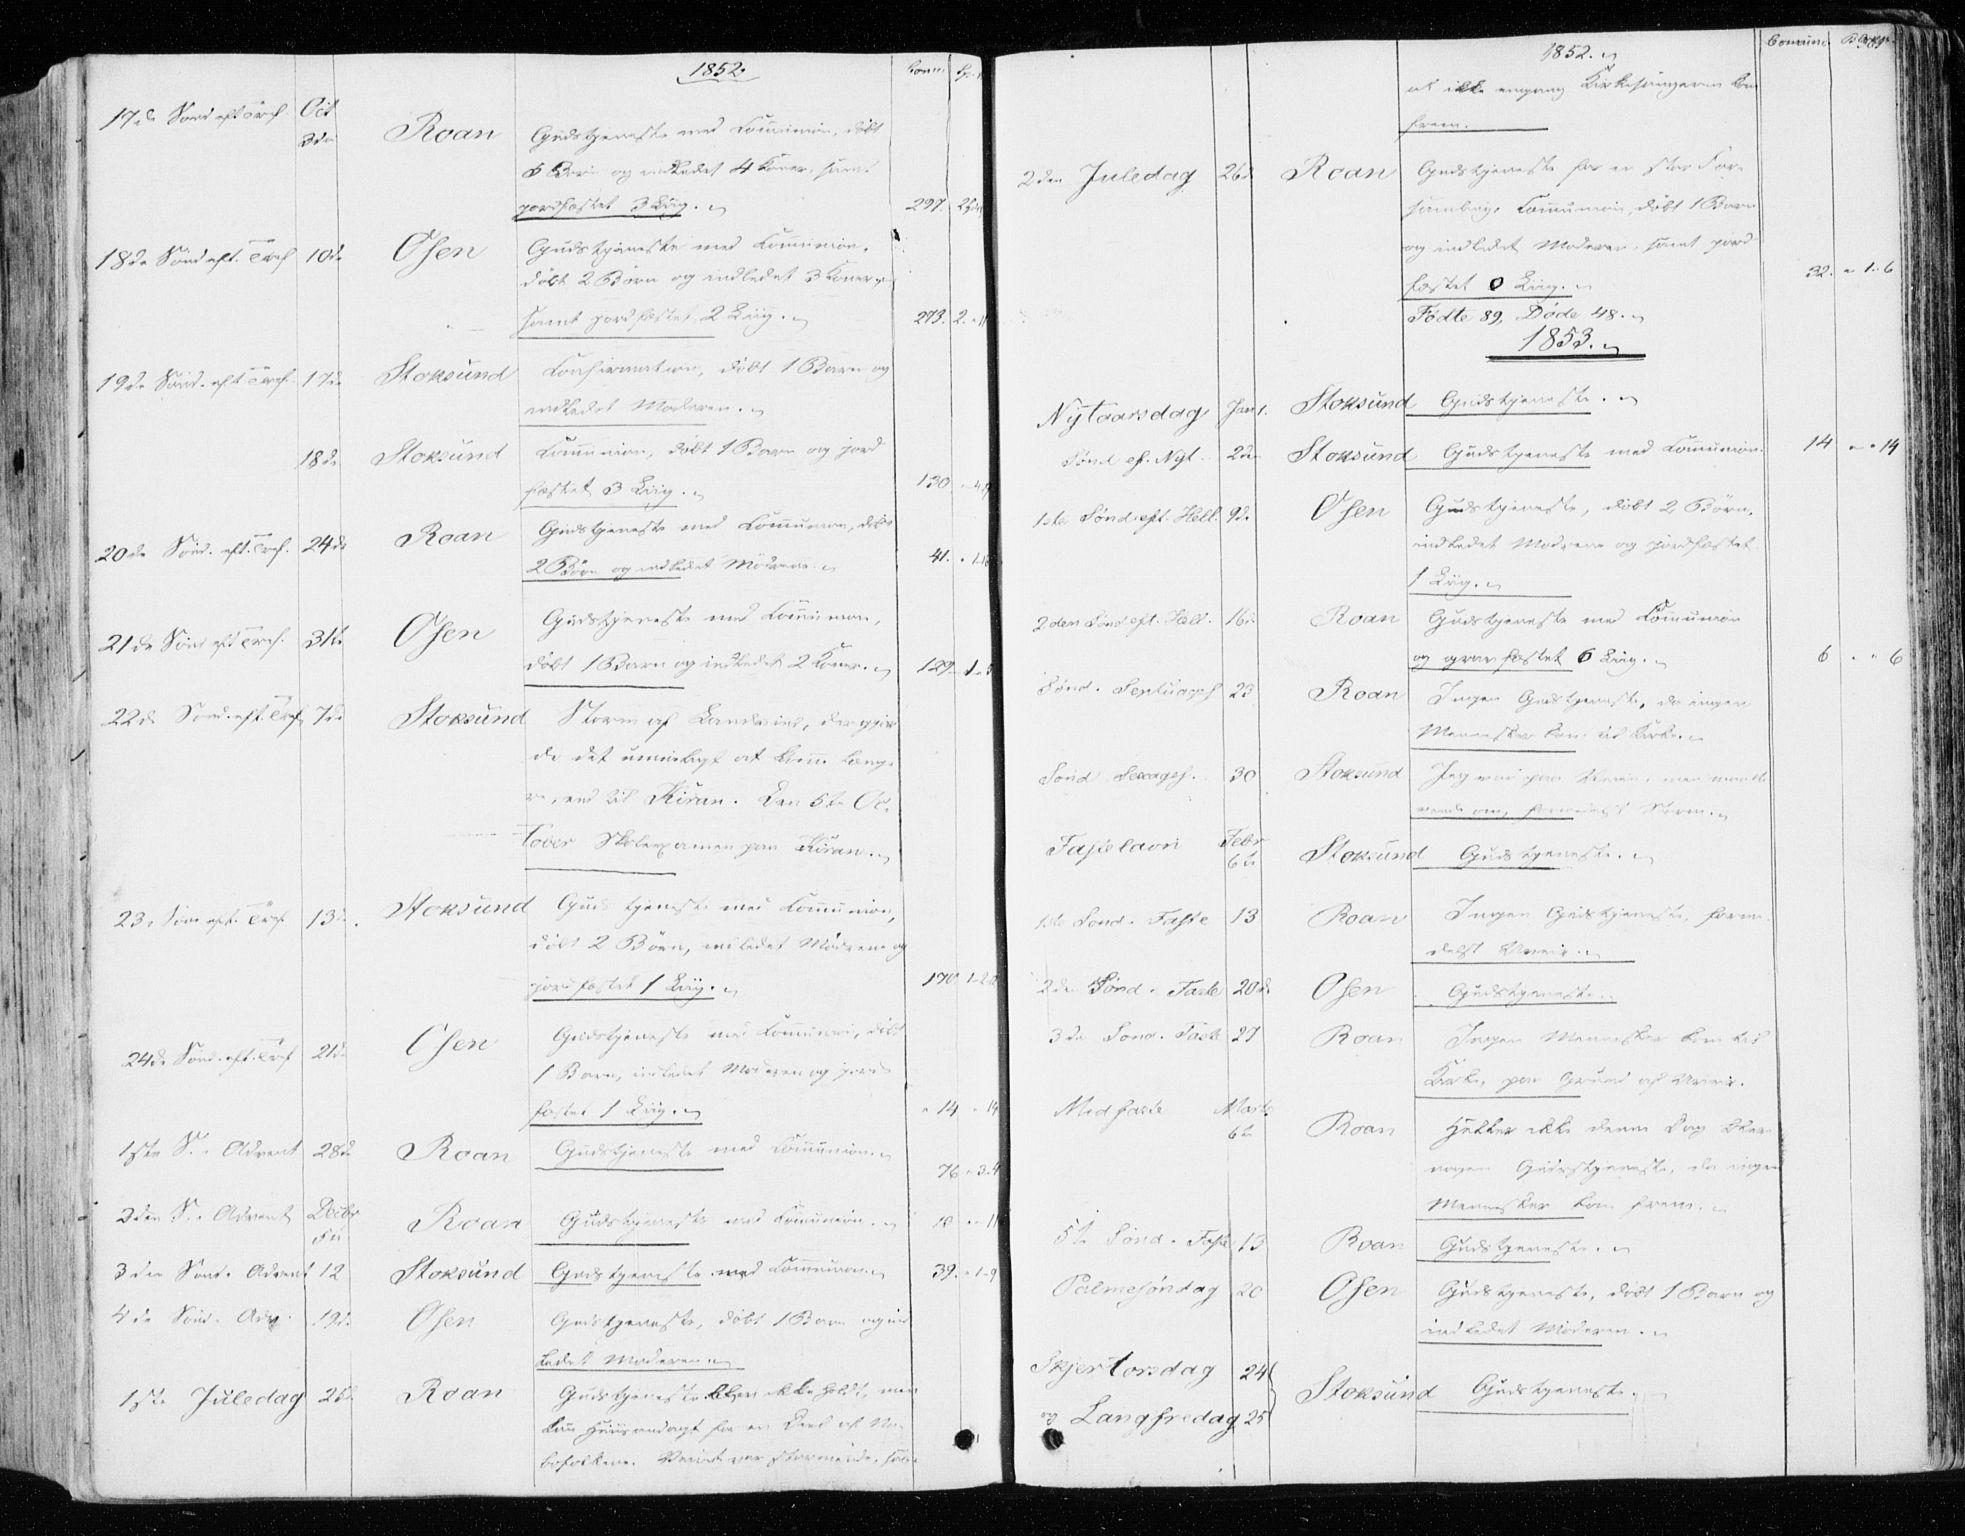 SAT, Ministerialprotokoller, klokkerbøker og fødselsregistre - Sør-Trøndelag, 657/L0704: Ministerialbok nr. 657A05, 1846-1857, s. 363